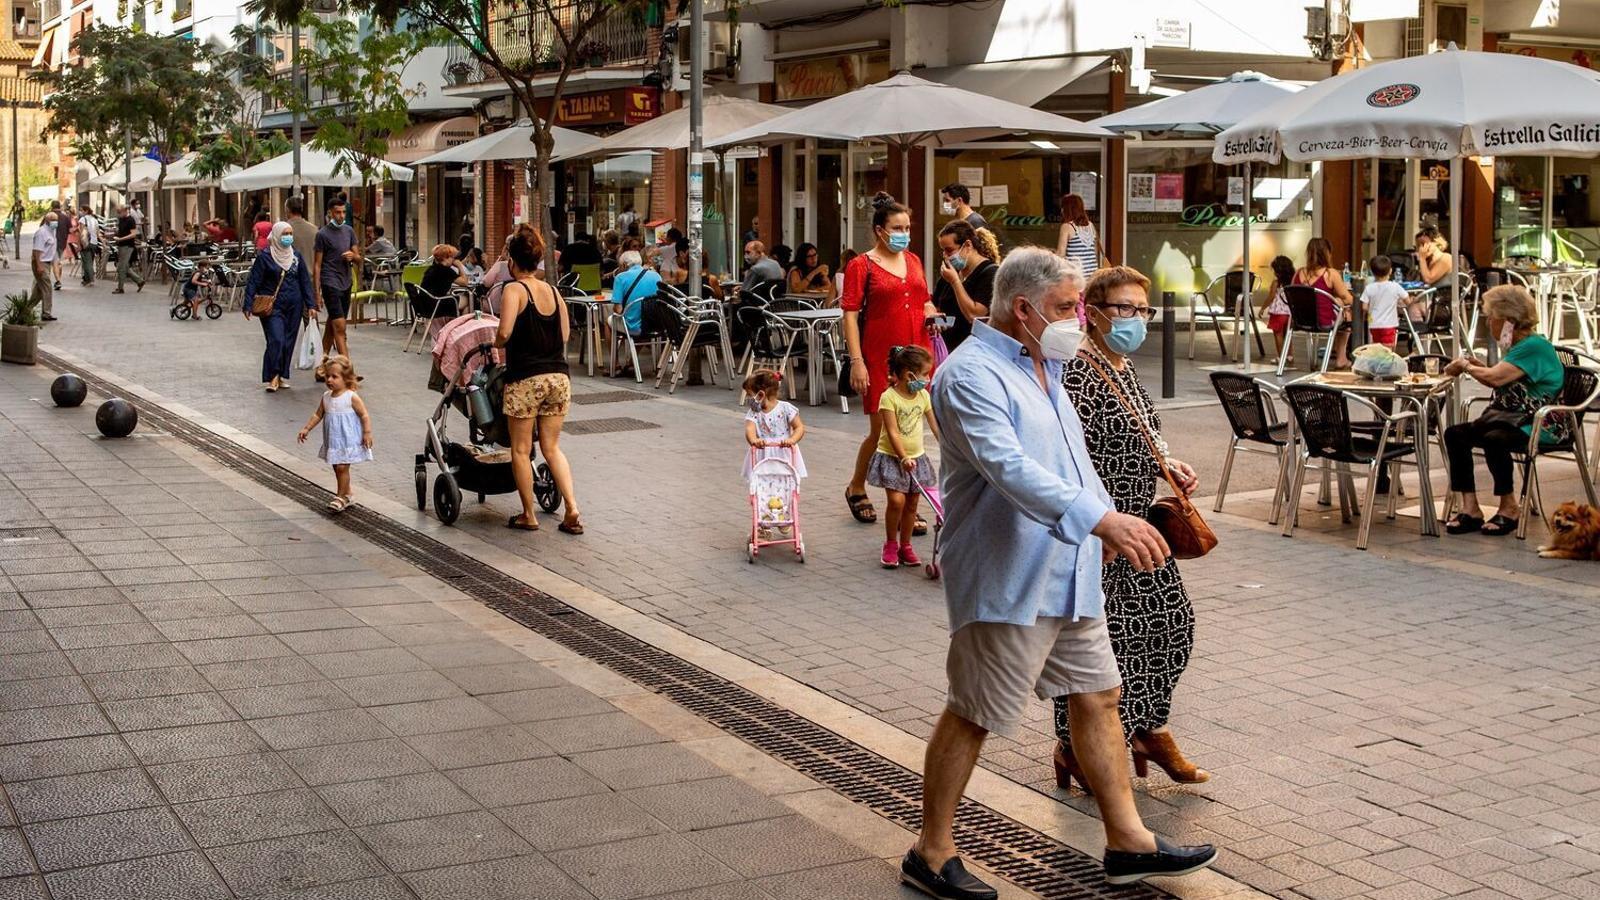 Un carrer de Castelldefels, que juntament amb Gavà ha estat inclòs en el grup de municipis amb restriccions per frenar l'expansió del covid-19 / ENRIC FONTCUBERTA / EFE